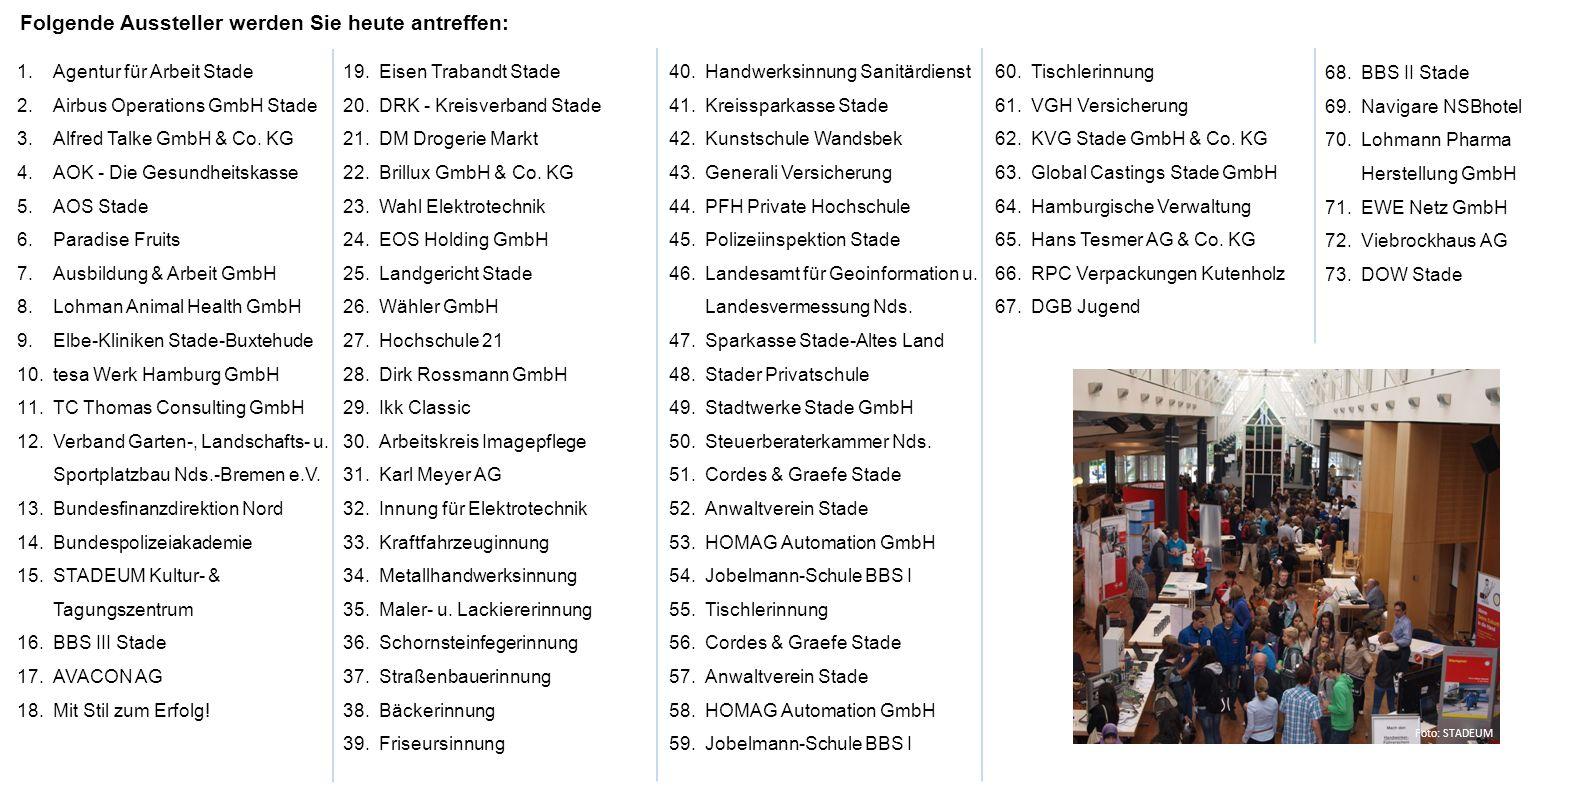 Folgende Aussteller werden Sie heute antreffen: 1.Agentur für Arbeit Stade 2.Airbus Operations GmbH Stade 3.Alfred Talke GmbH & Co. KG 4.AOK - Die Ges